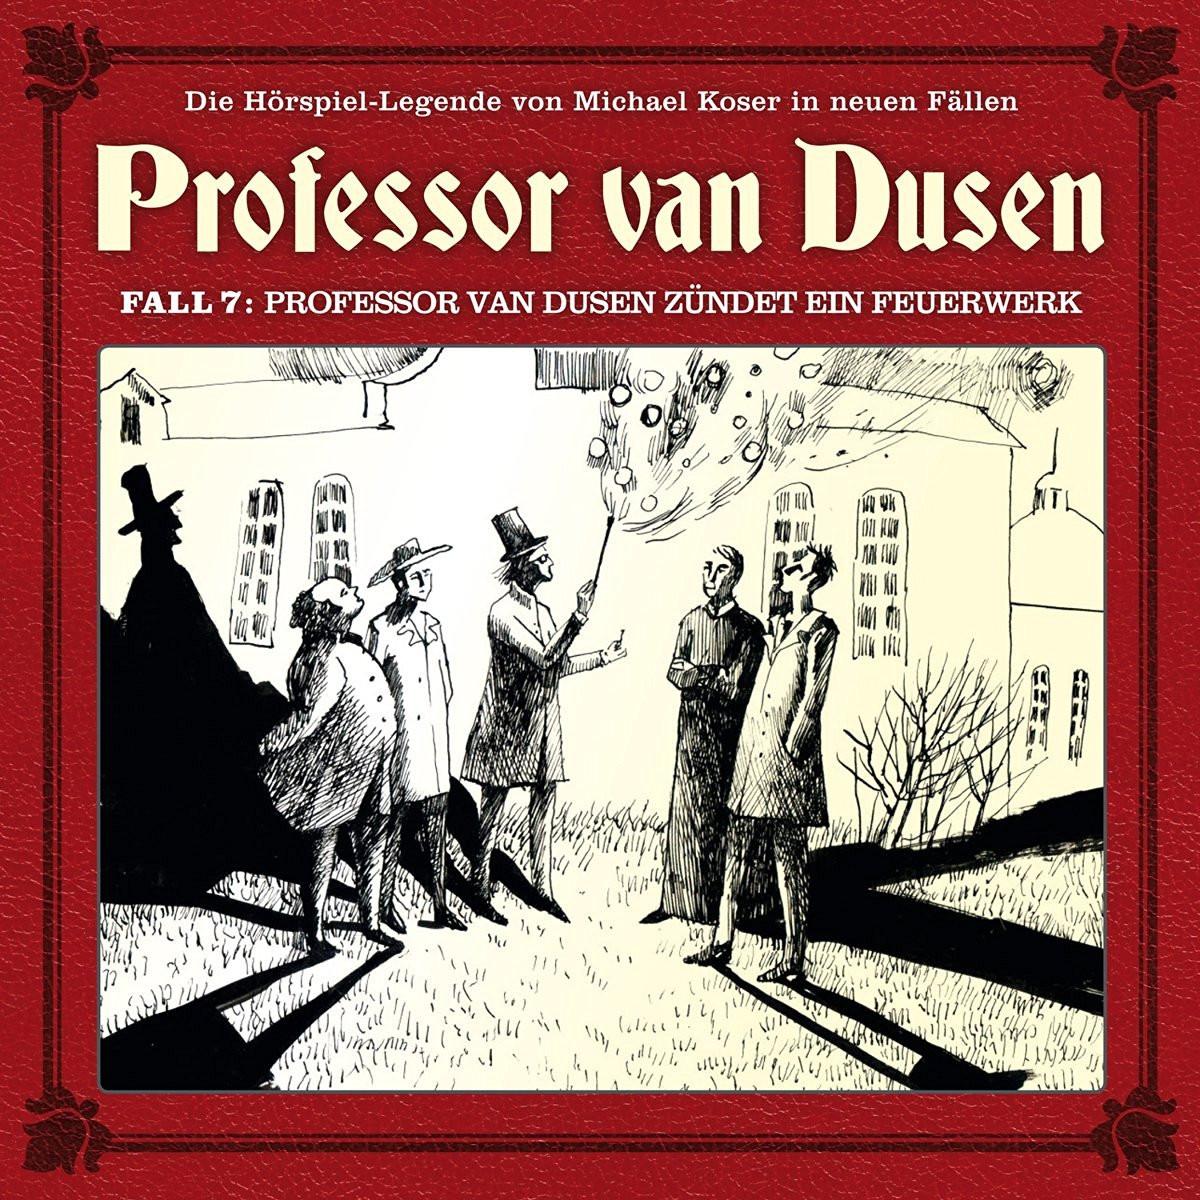 Professor van Dusen - Neue Fälle 7: Professor van Dusen Feuerwerk